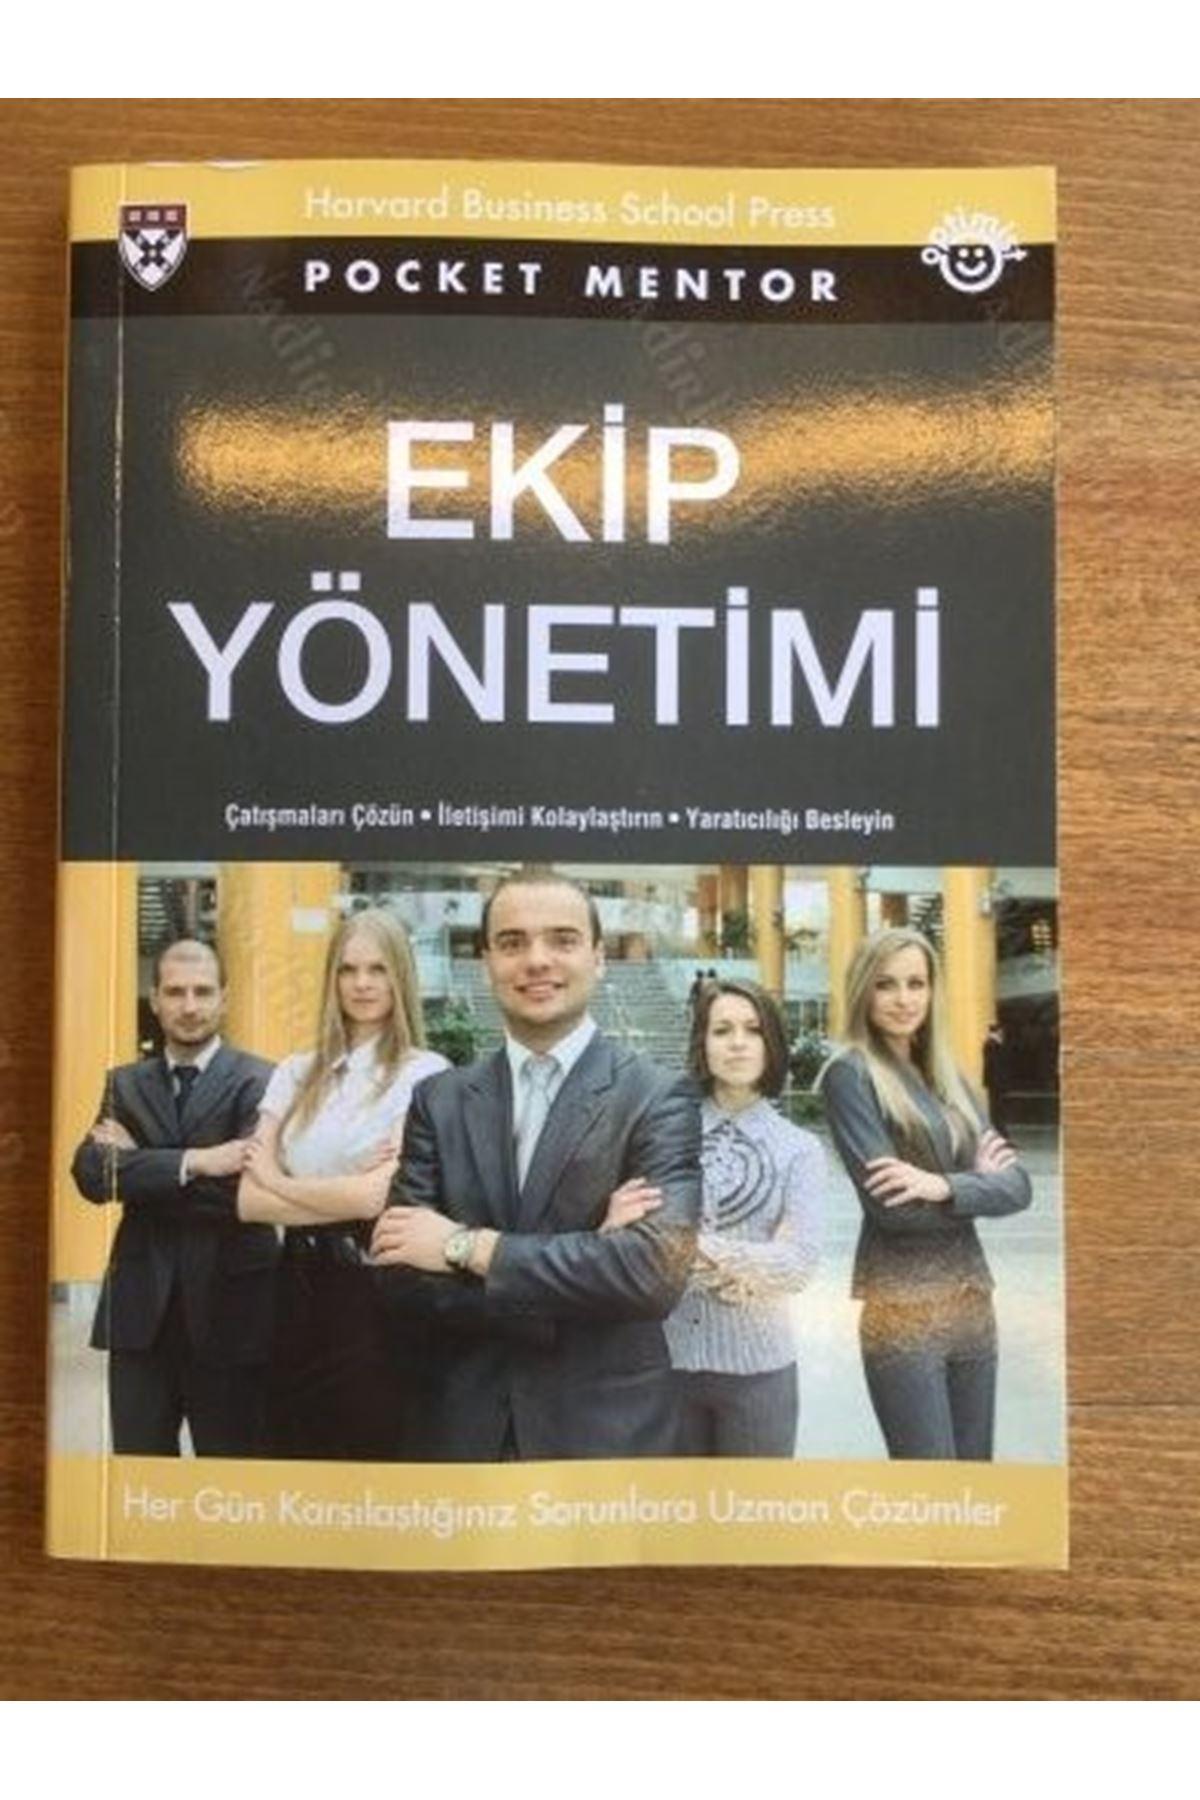 POCKET MENTOR - EKİP YÖNETİMİ